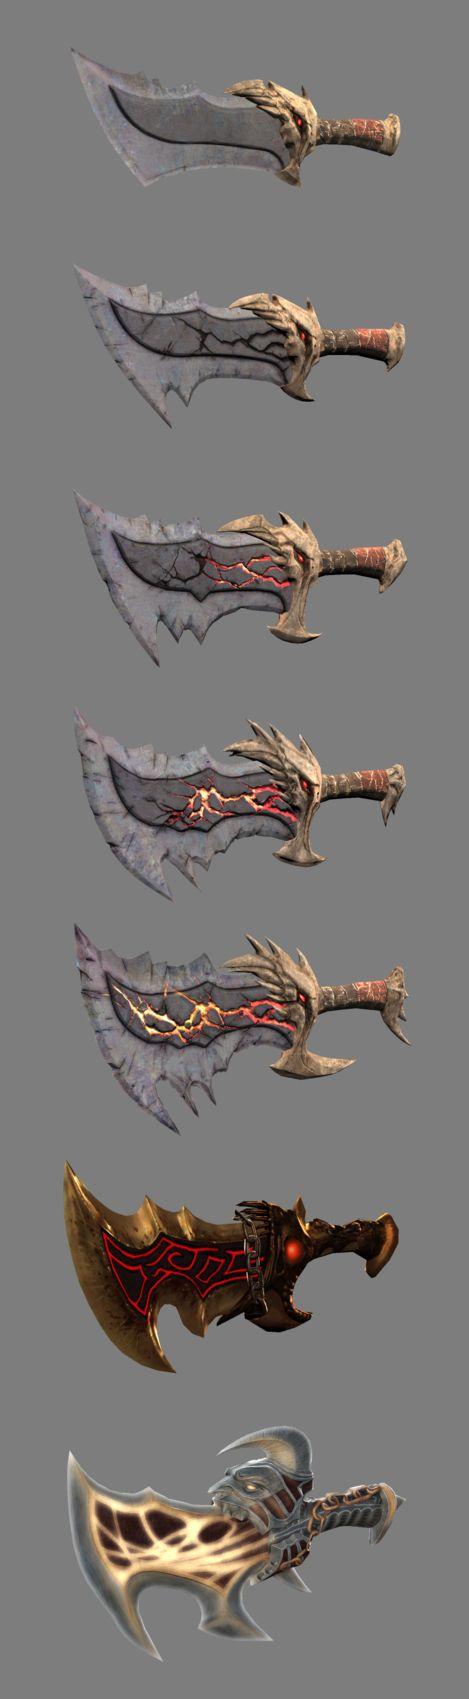 God Of War Blades 3D Models by HaCKer7UTD on DeviantArt More